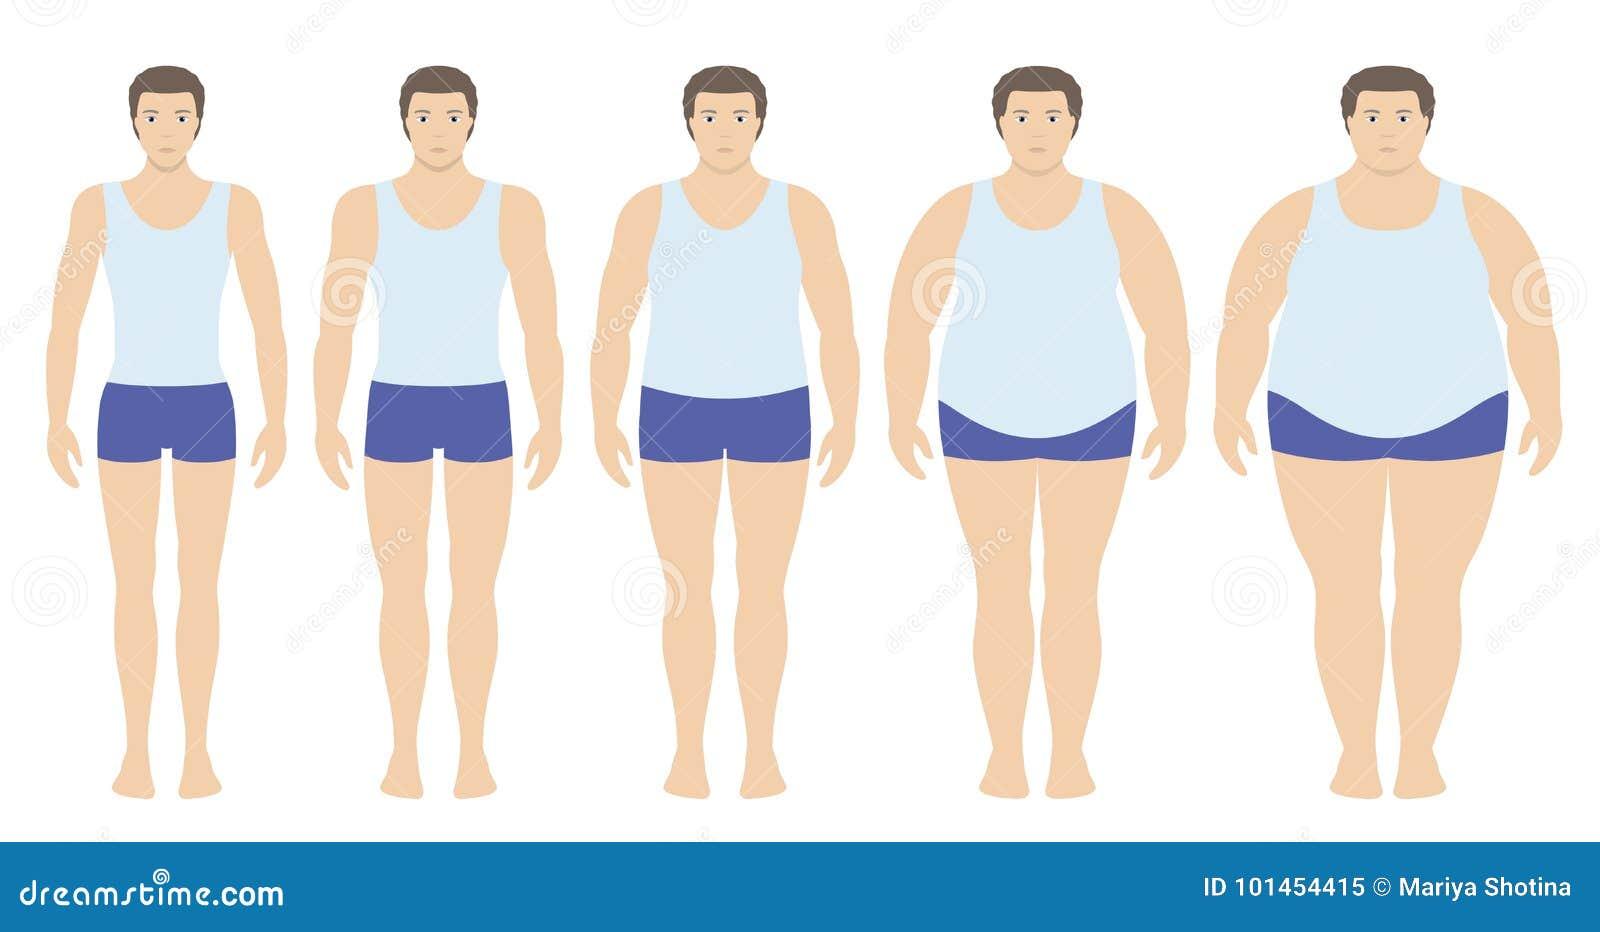 身体容积指数从重量不足的传染媒介例证到极端肥胖在平的样式 用不同的肥胖病程度的人